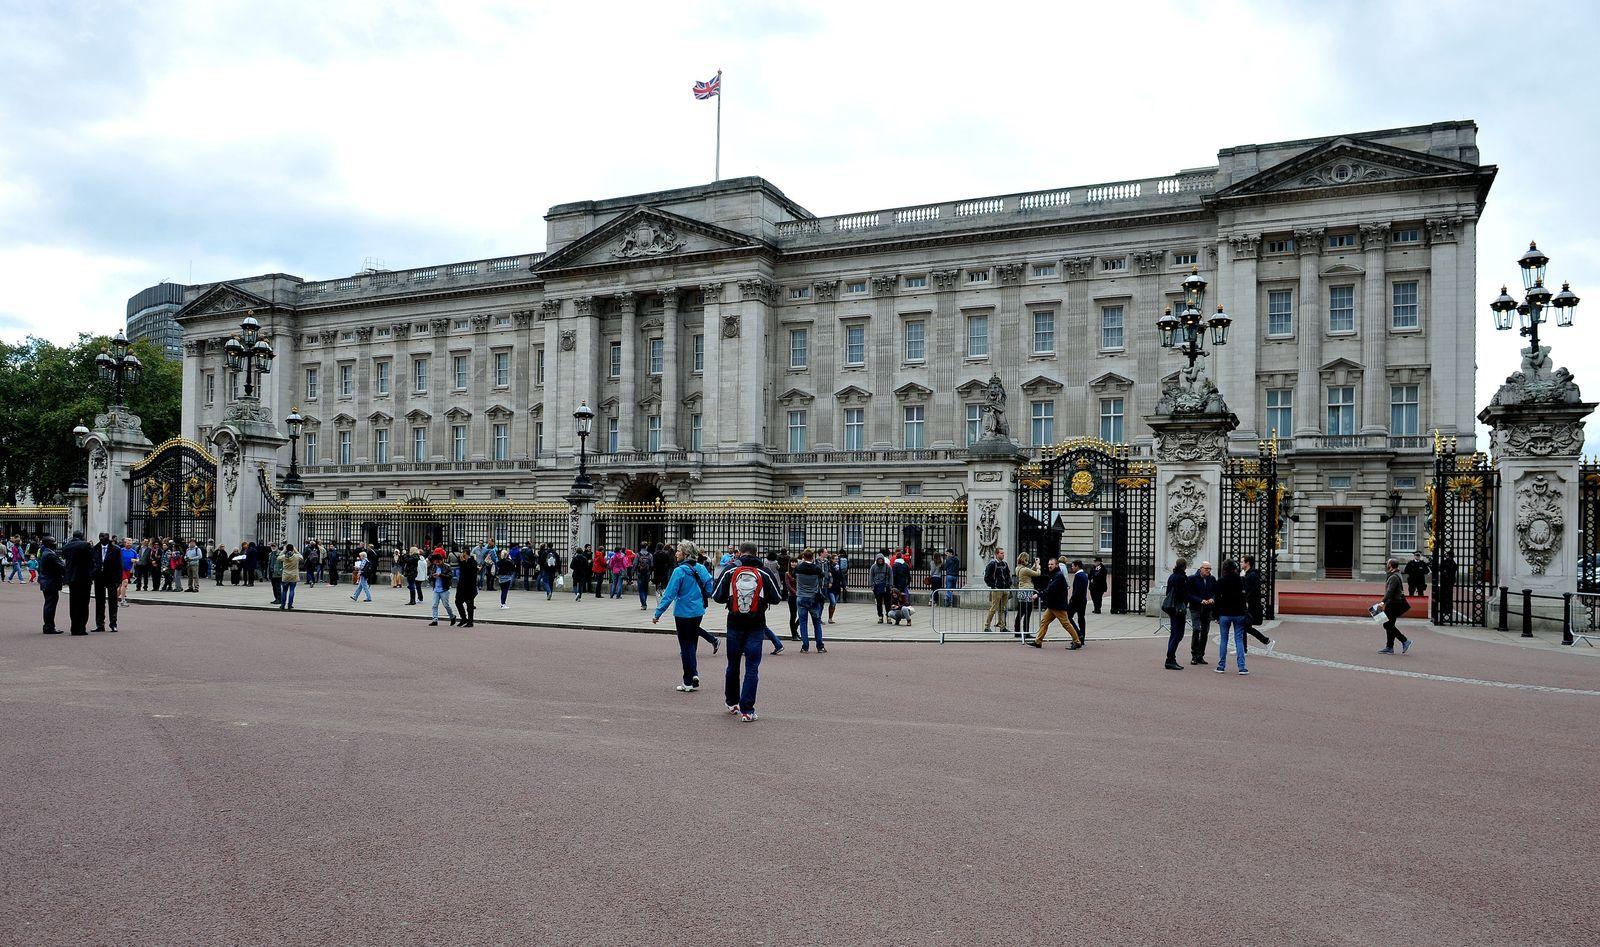 Buckingham Palace intruder arrest